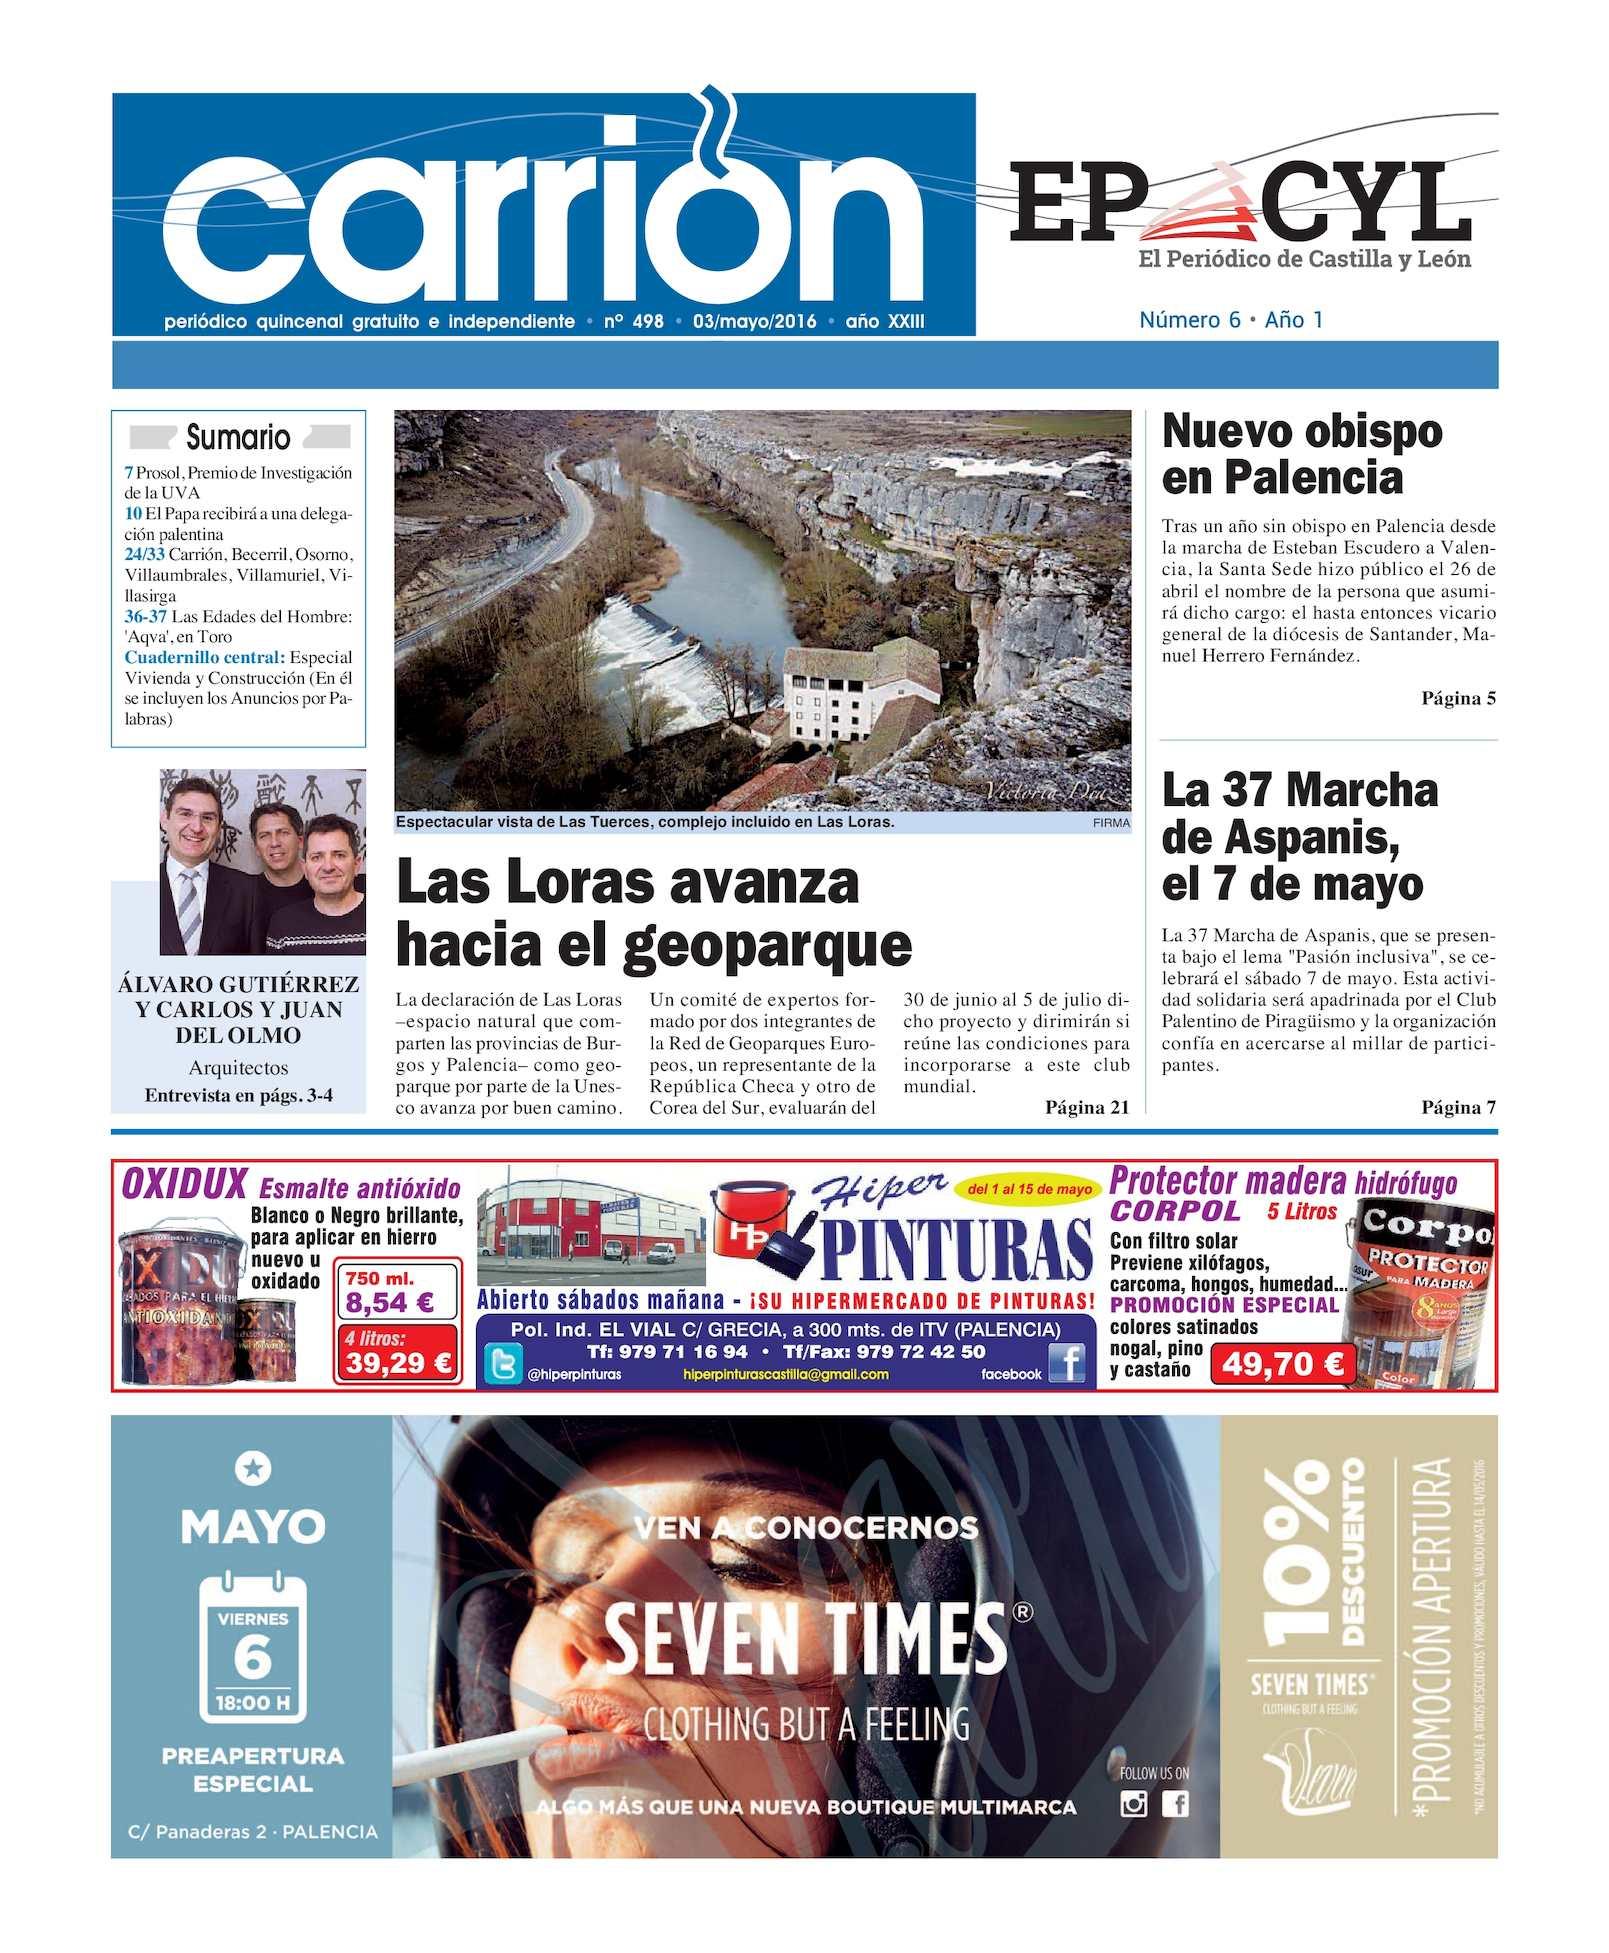 4339efe0d67d Calaméo - N6 - Carrión - EPCYL